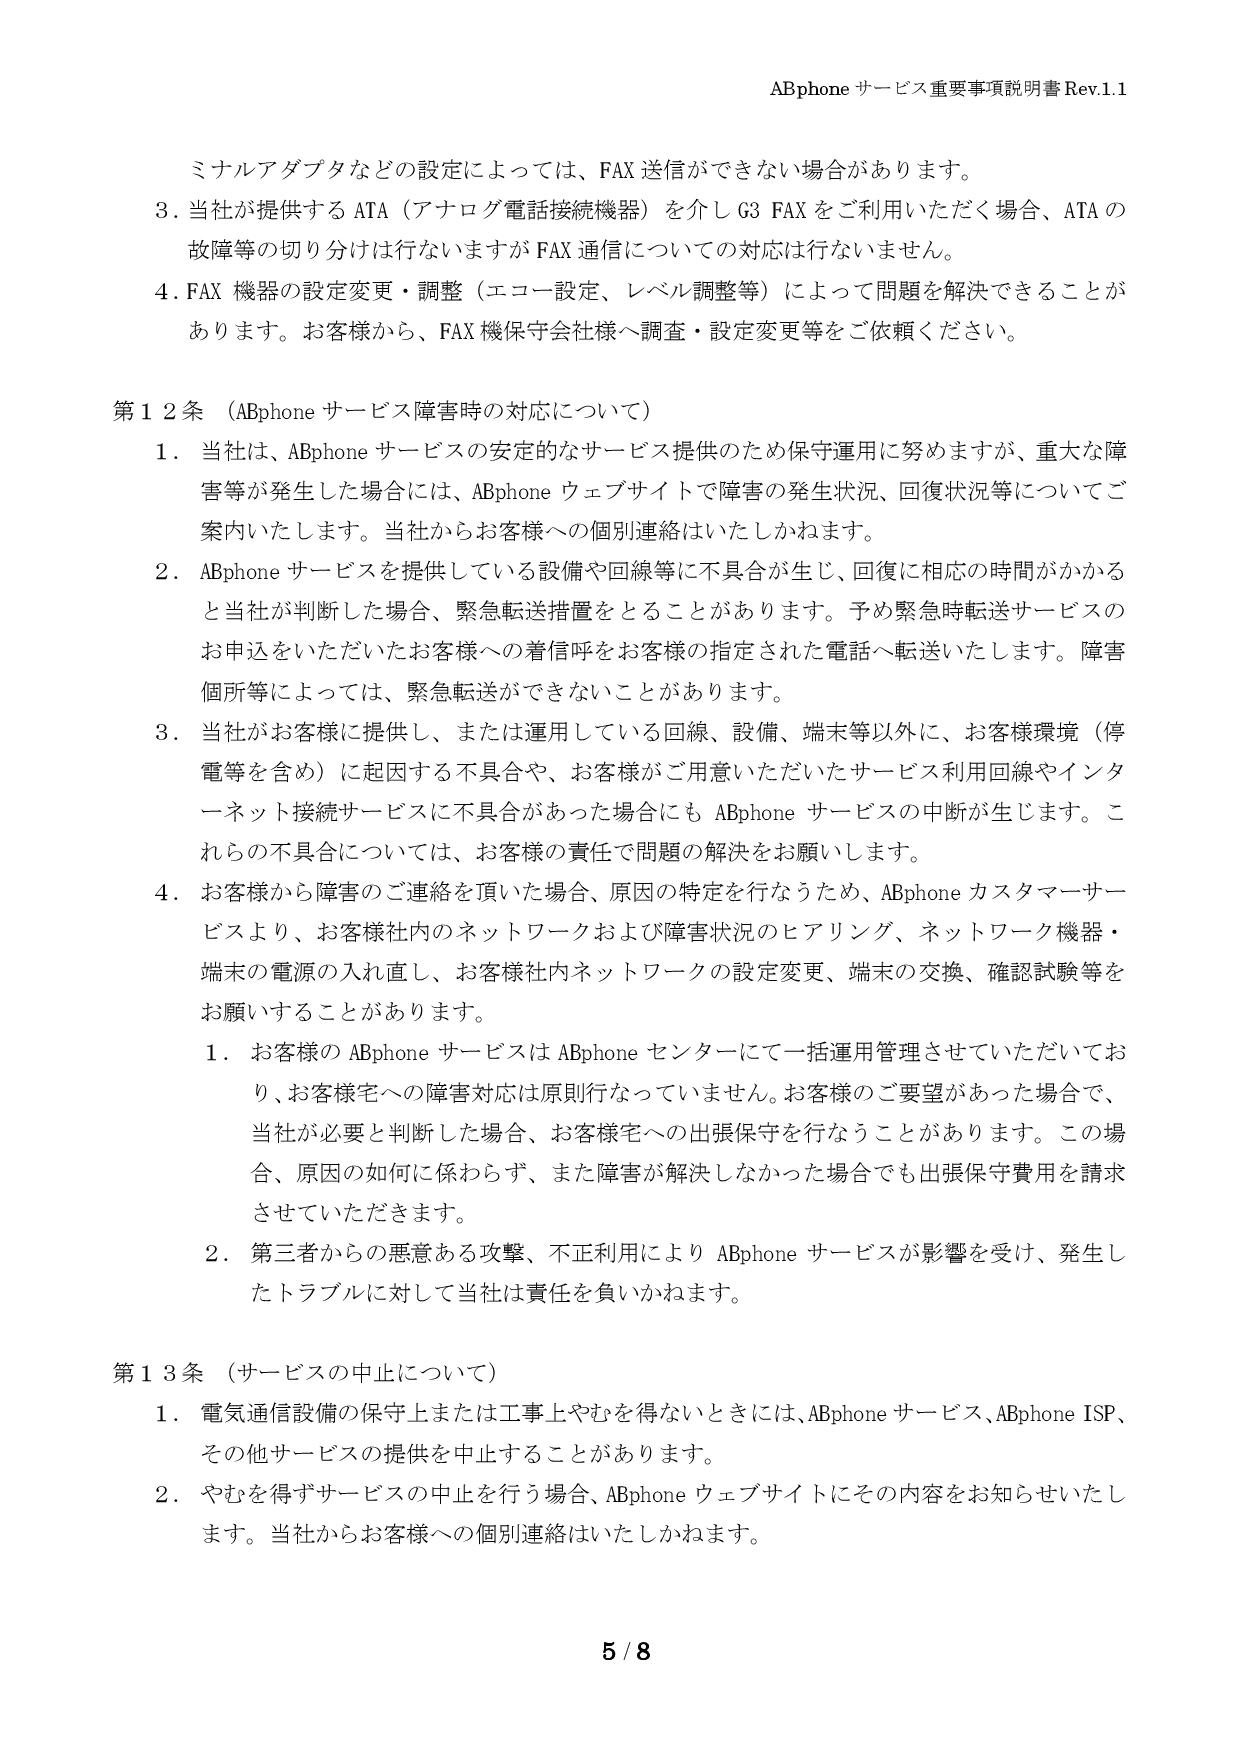 重要事項説明 5/8